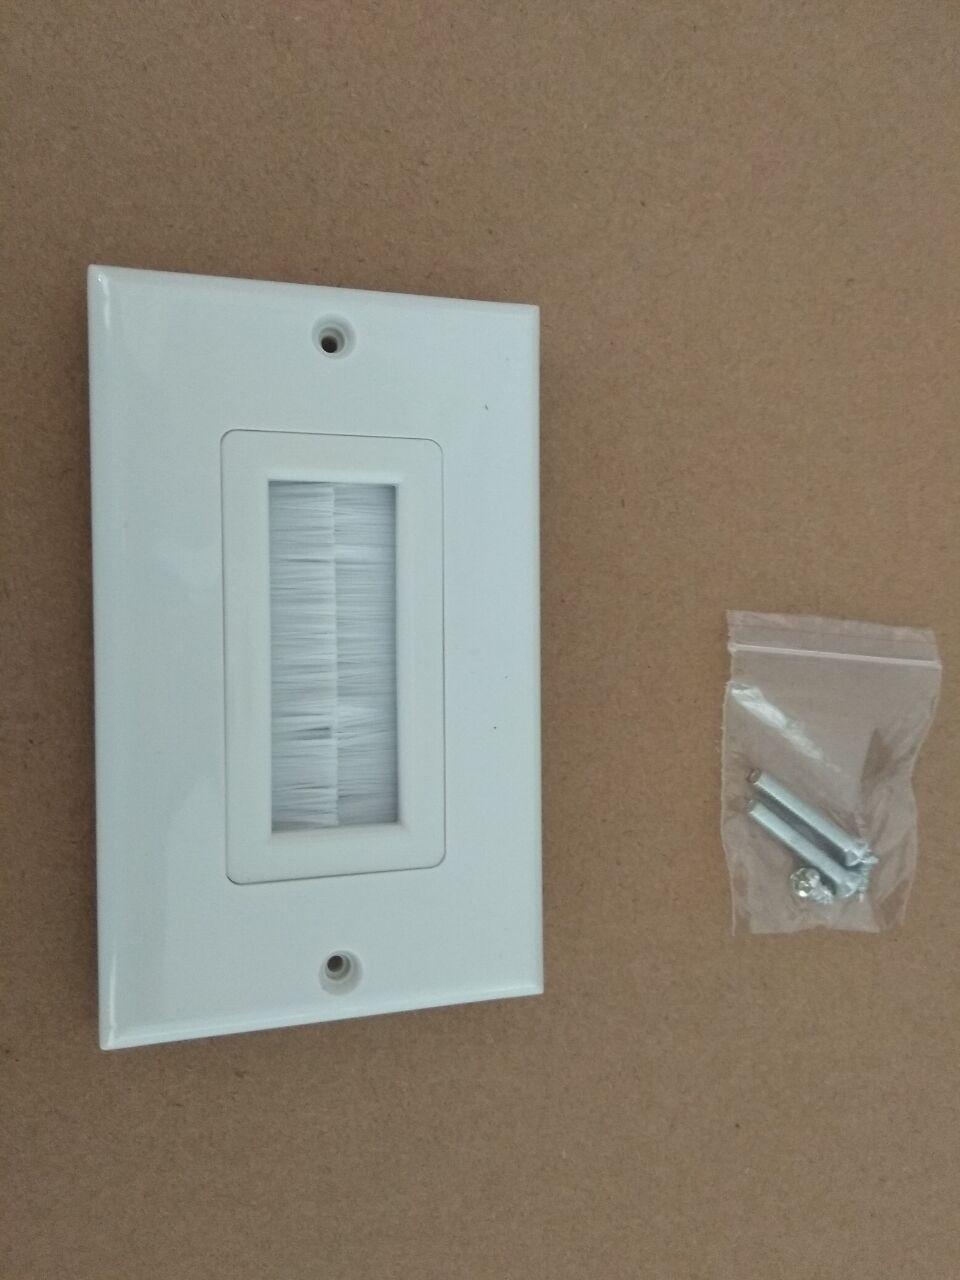 1 sola banda cerdas cepillo placa de pared Puerto insertar cubierta salida Panel de montaje